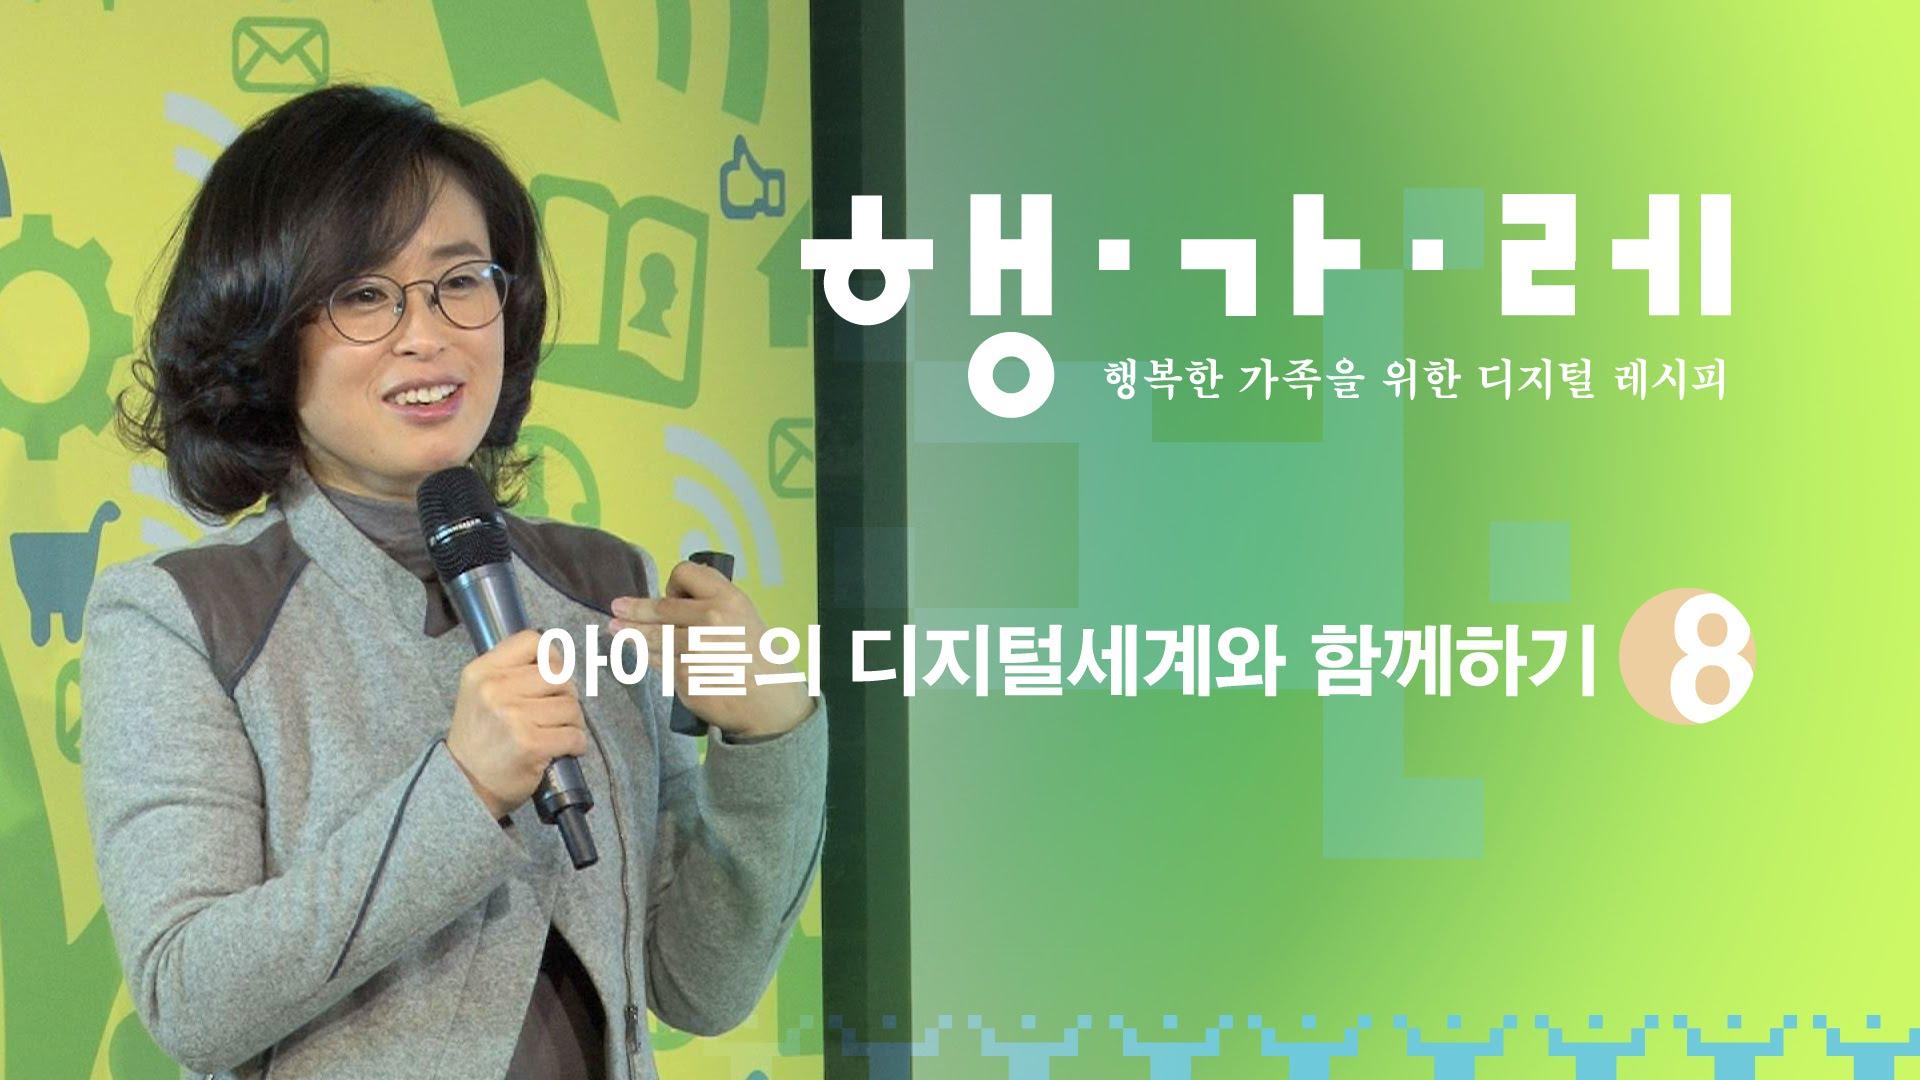 행.가.레: #08 아이들의 디지털세계와 함께하기 – 윤다옥 교사